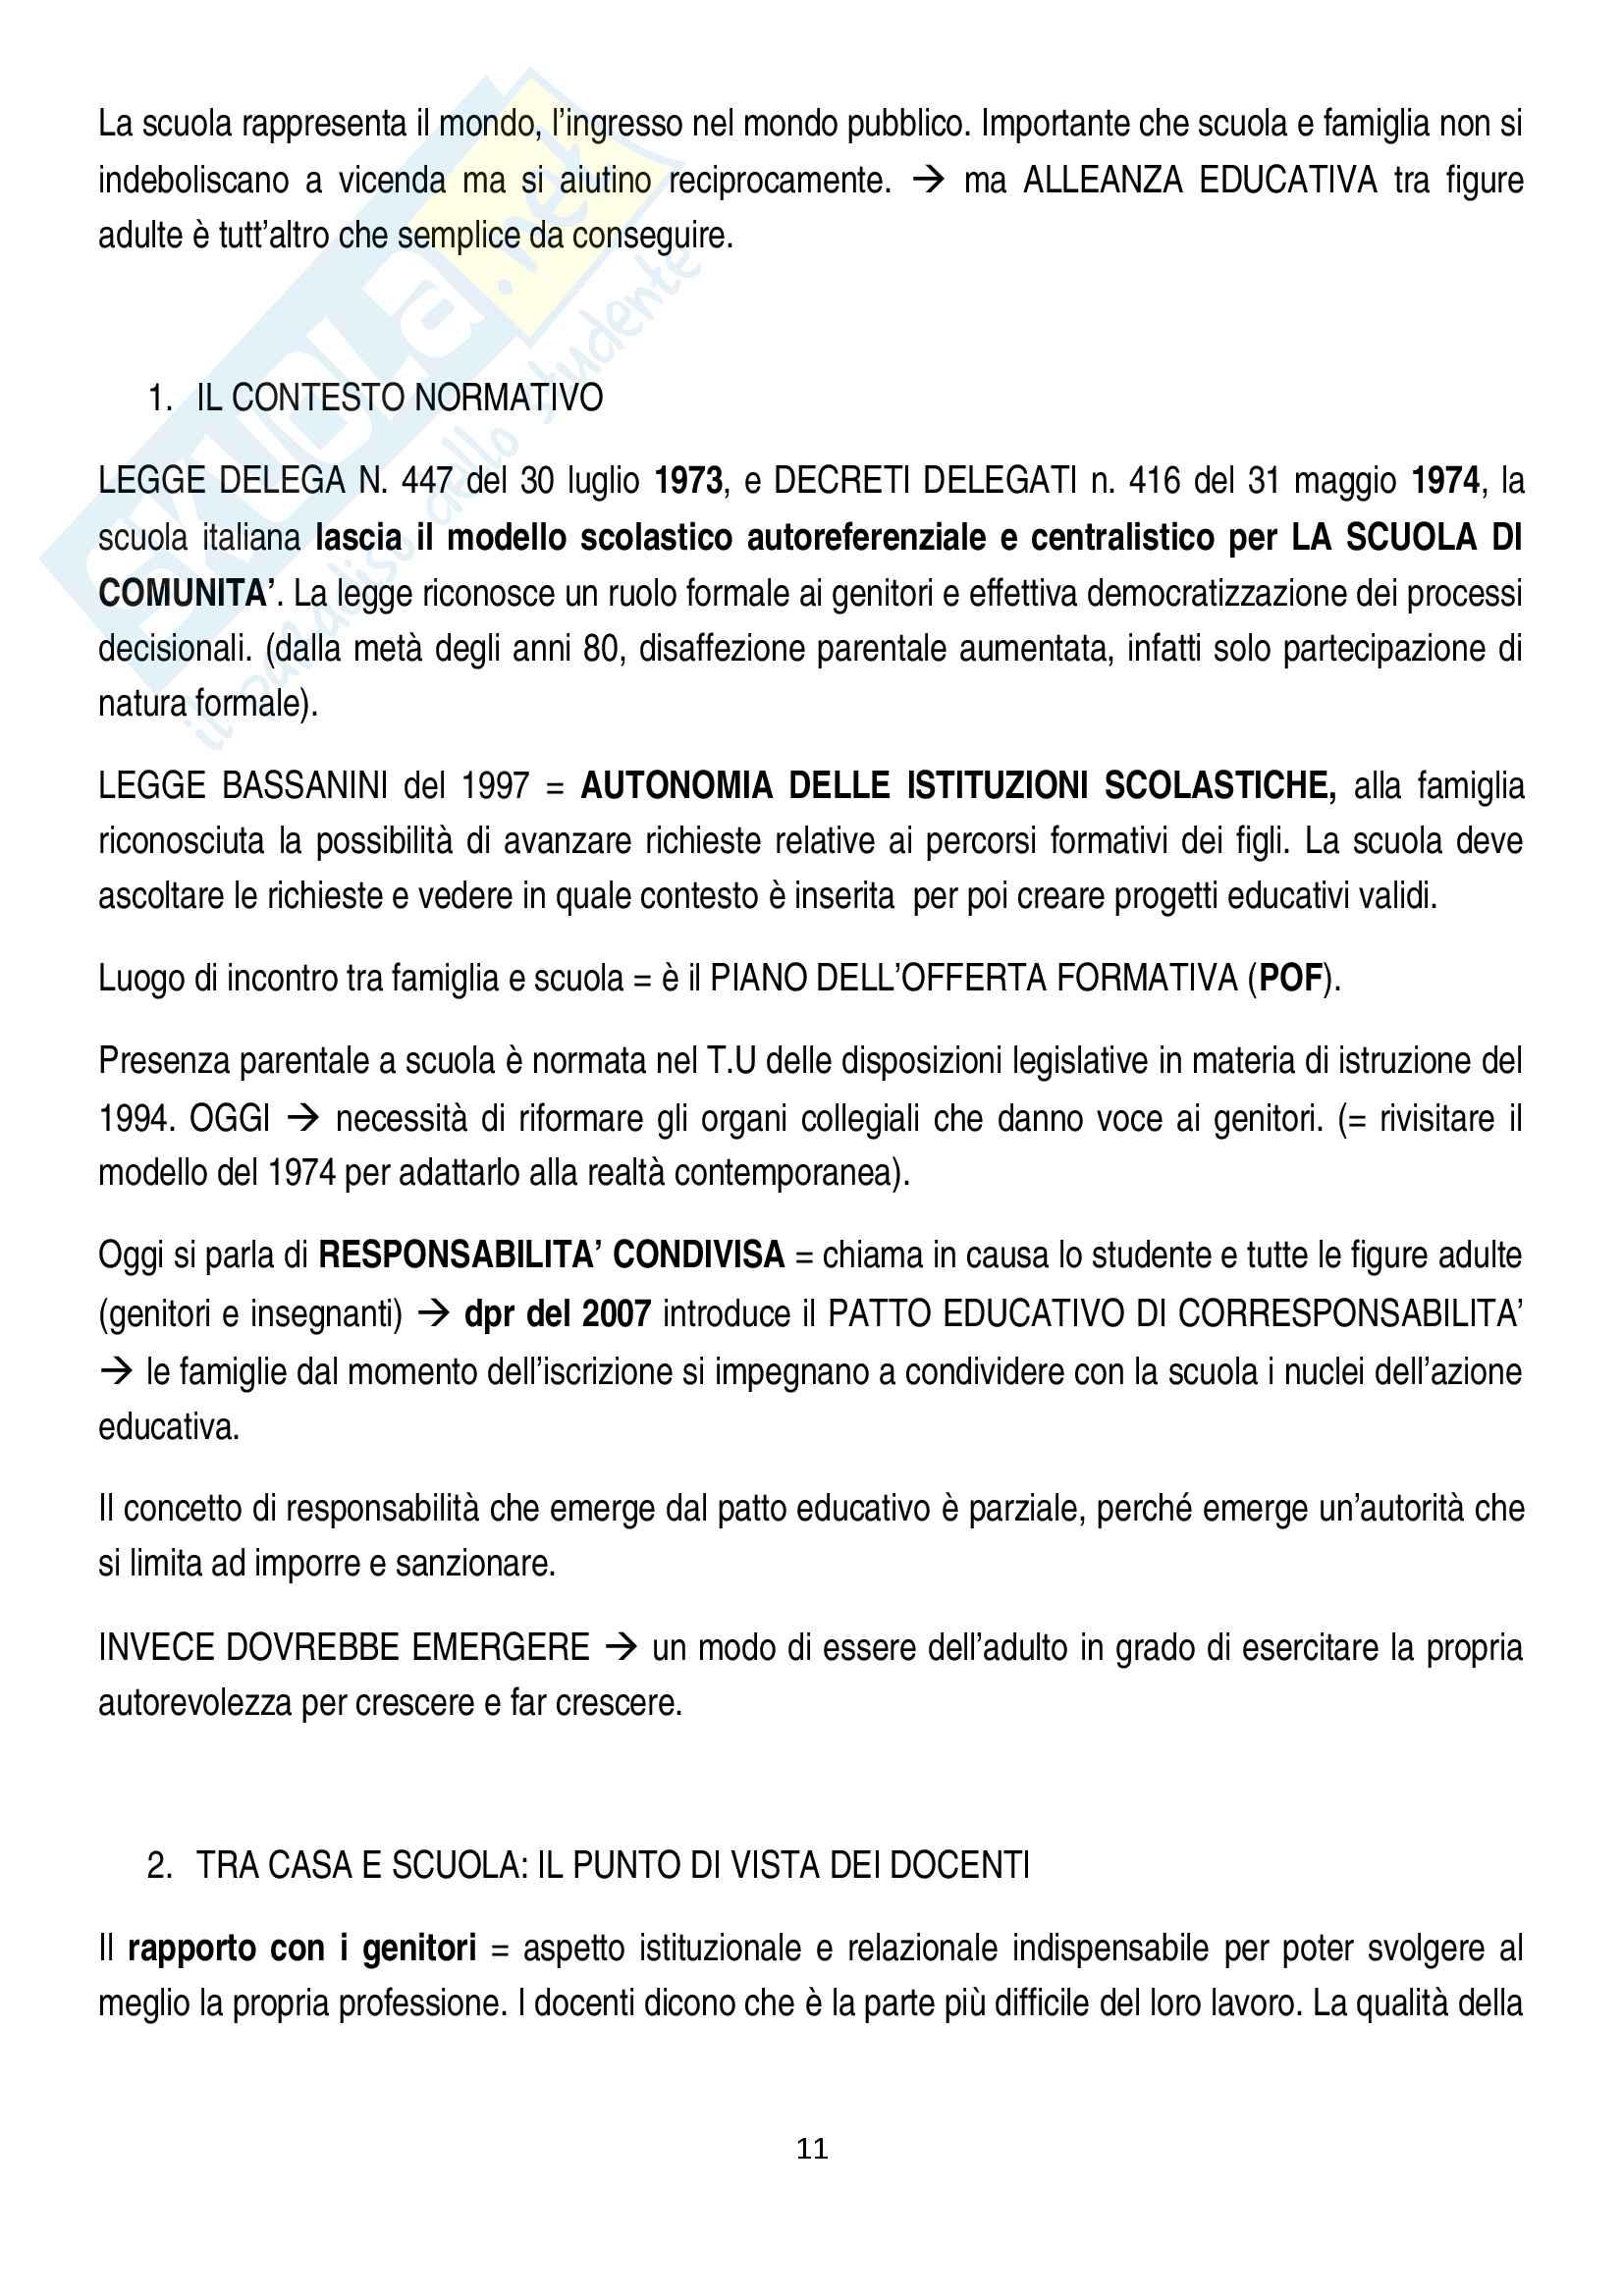 Riassunto esame pedagogia sociale e interculturale, prof. Monica Amadini, libro consigliato Corresponsabilità educativa, Pati-Dusi Pag. 11